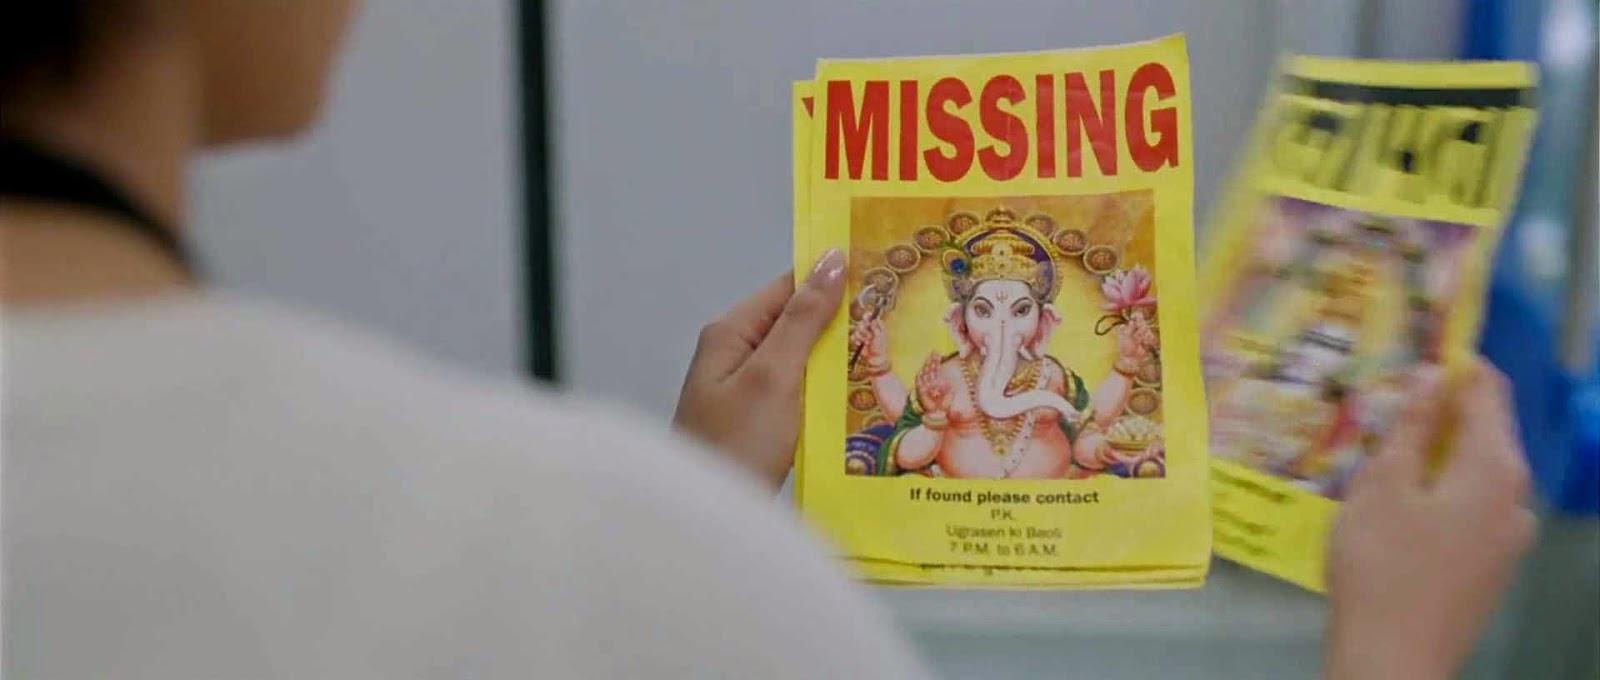 Peekay sebarkan brosur mencari Tuhan yang hilang